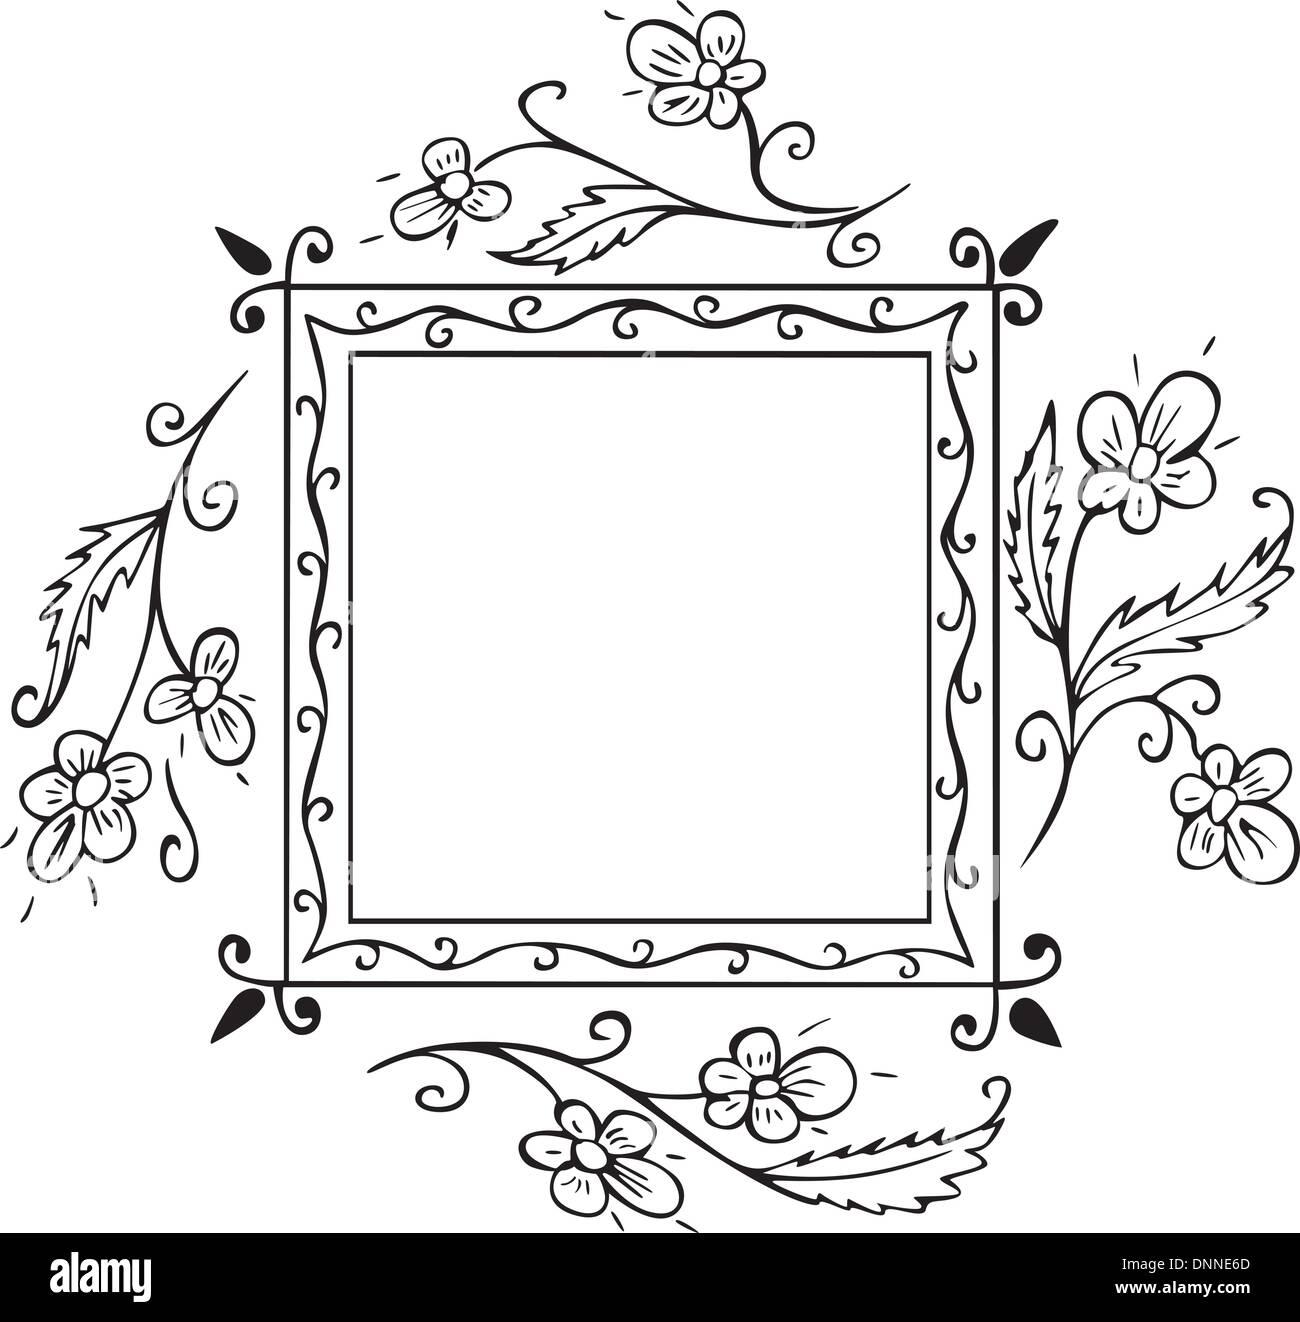 Marco floral plaza decoraci n para tapas de libro y p ginas de t tulo vectorial eps listas para - Paginas de decoracion ...